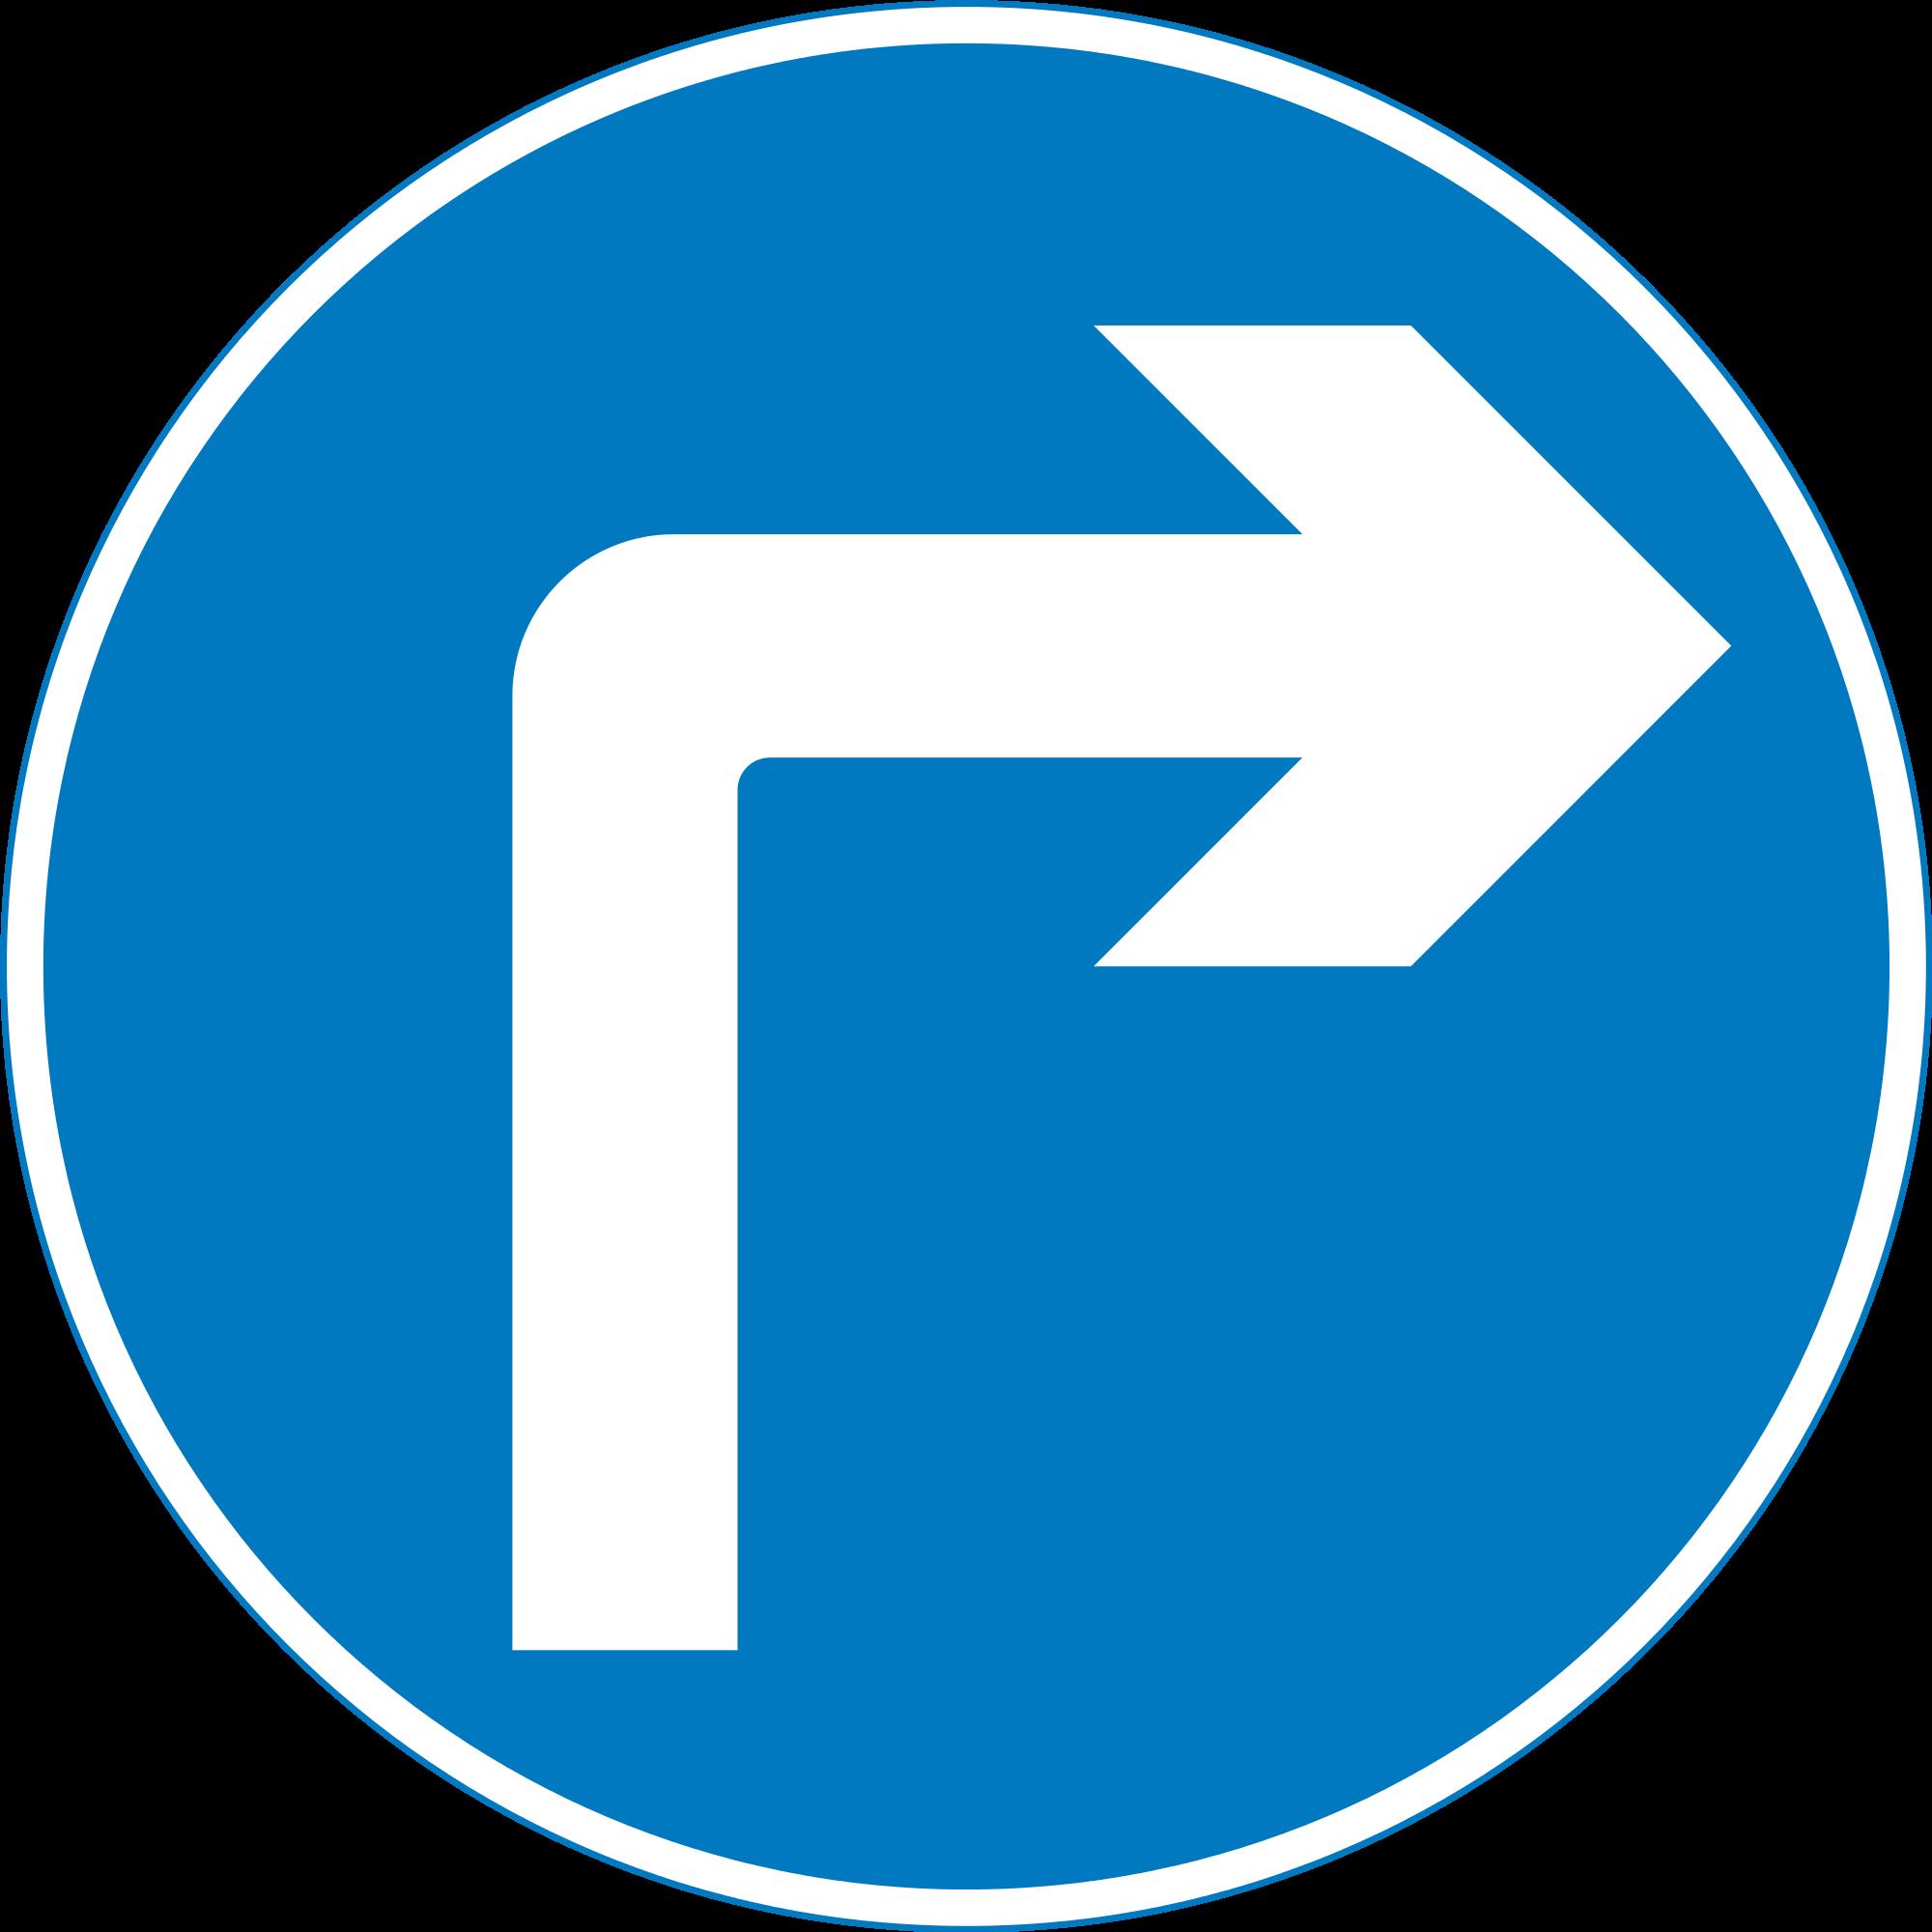 File:UK traffic sign 609A.svg.